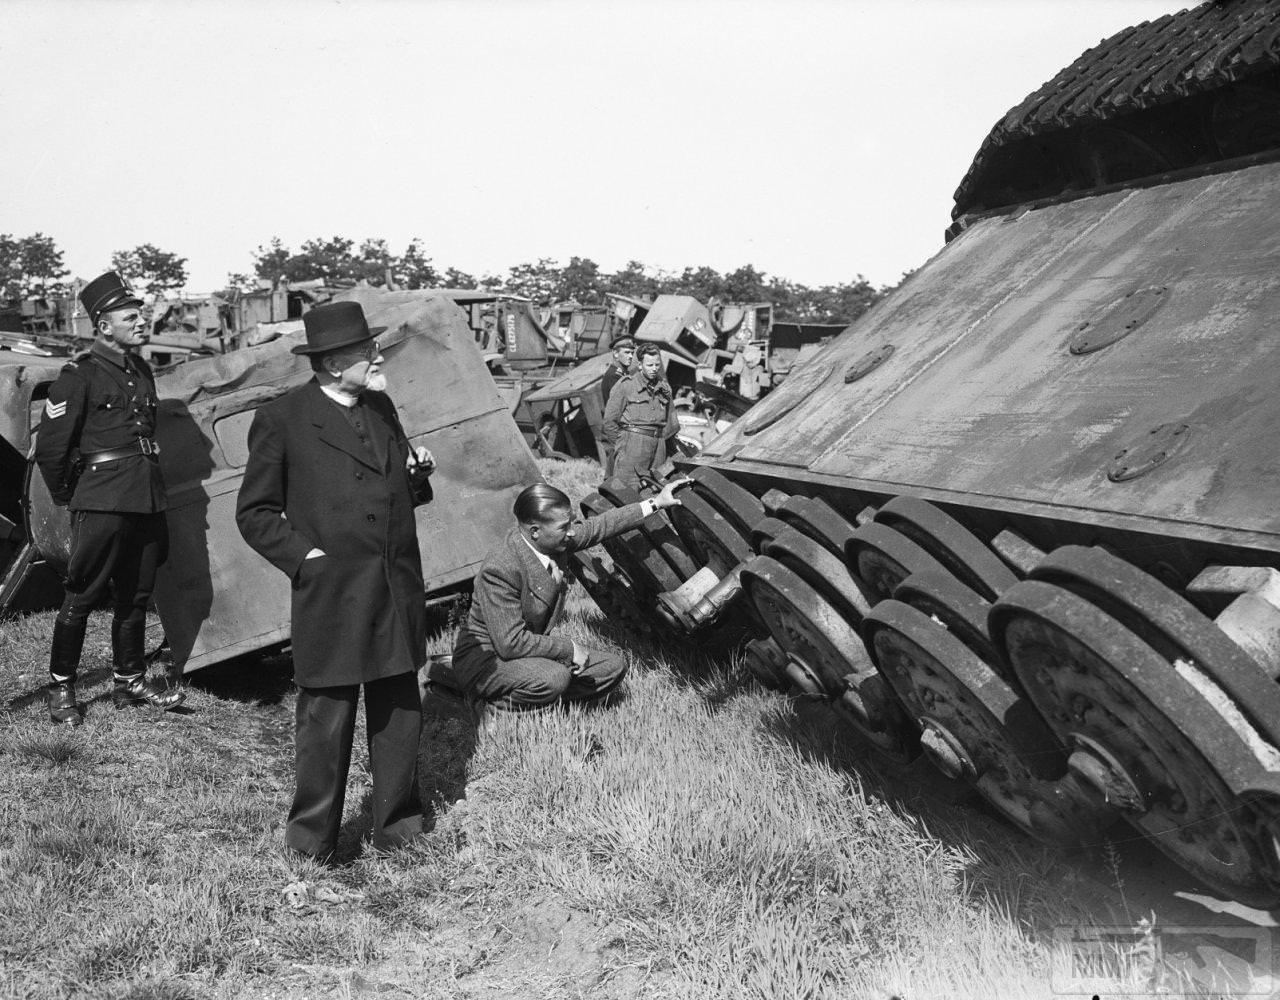 56074 - Achtung Panzer!